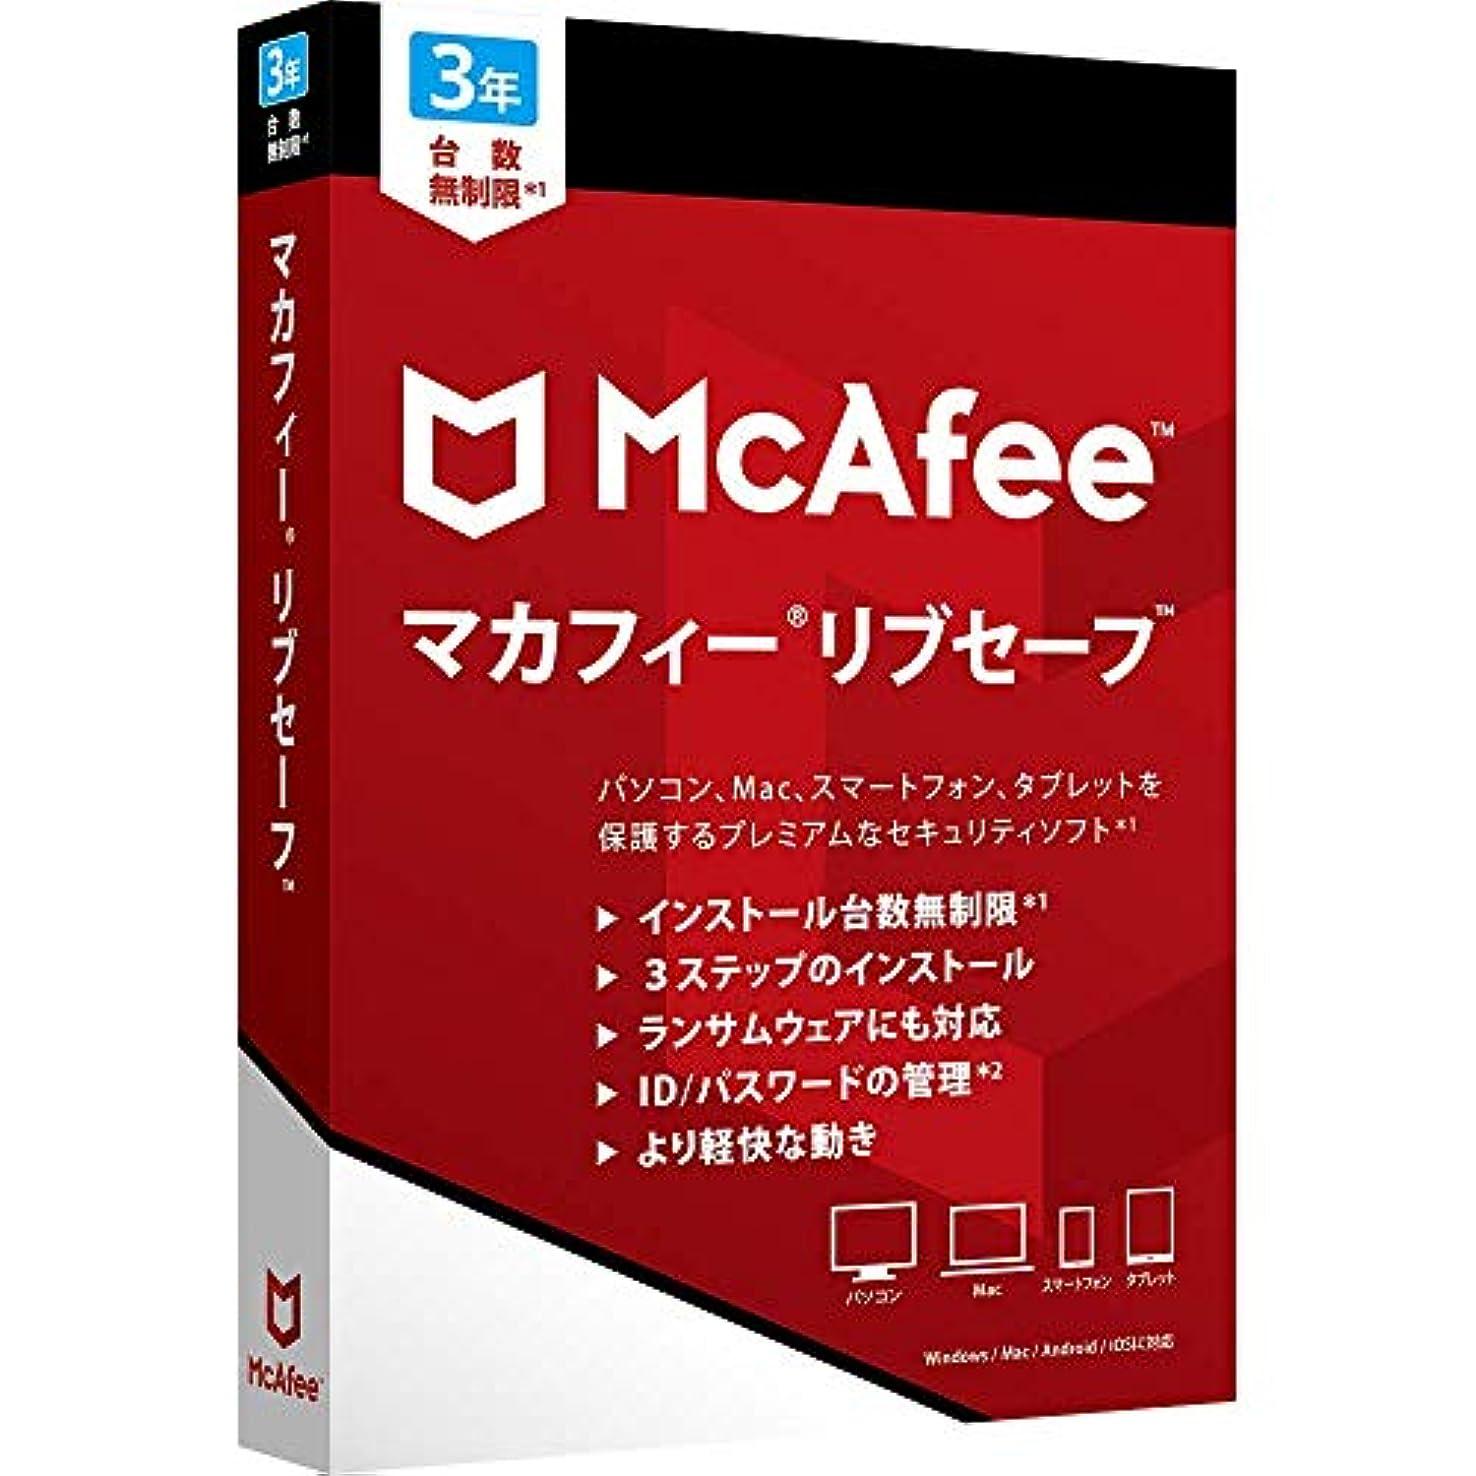 のみナインへ太いマカフィー リブセーフ 最新版 (台数無制限/3年用) ウィルス対策 セキュリティソフト 何台でもインストール可能 [パッケージ版] Win/Mac/iOS/Android対応